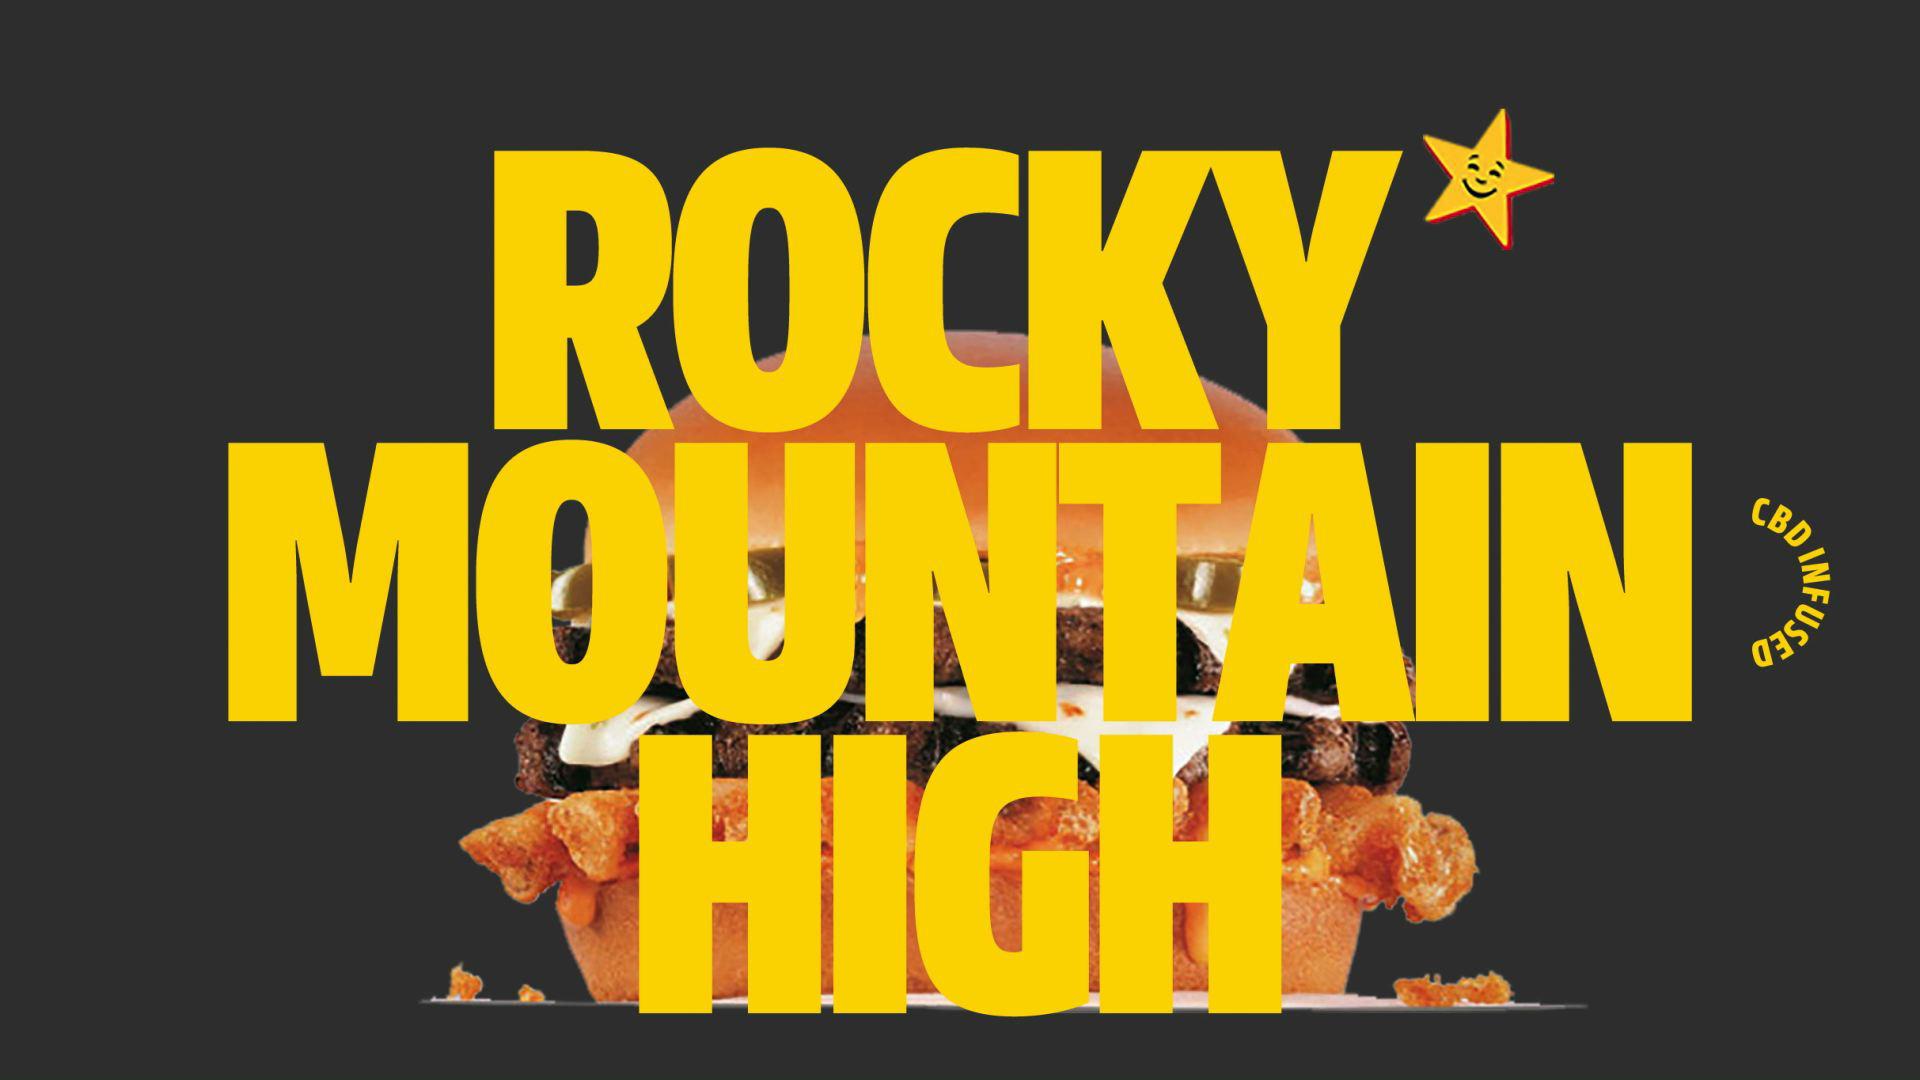 Carl's Jr. : Rocky Mountain High Cheeseburger Delight